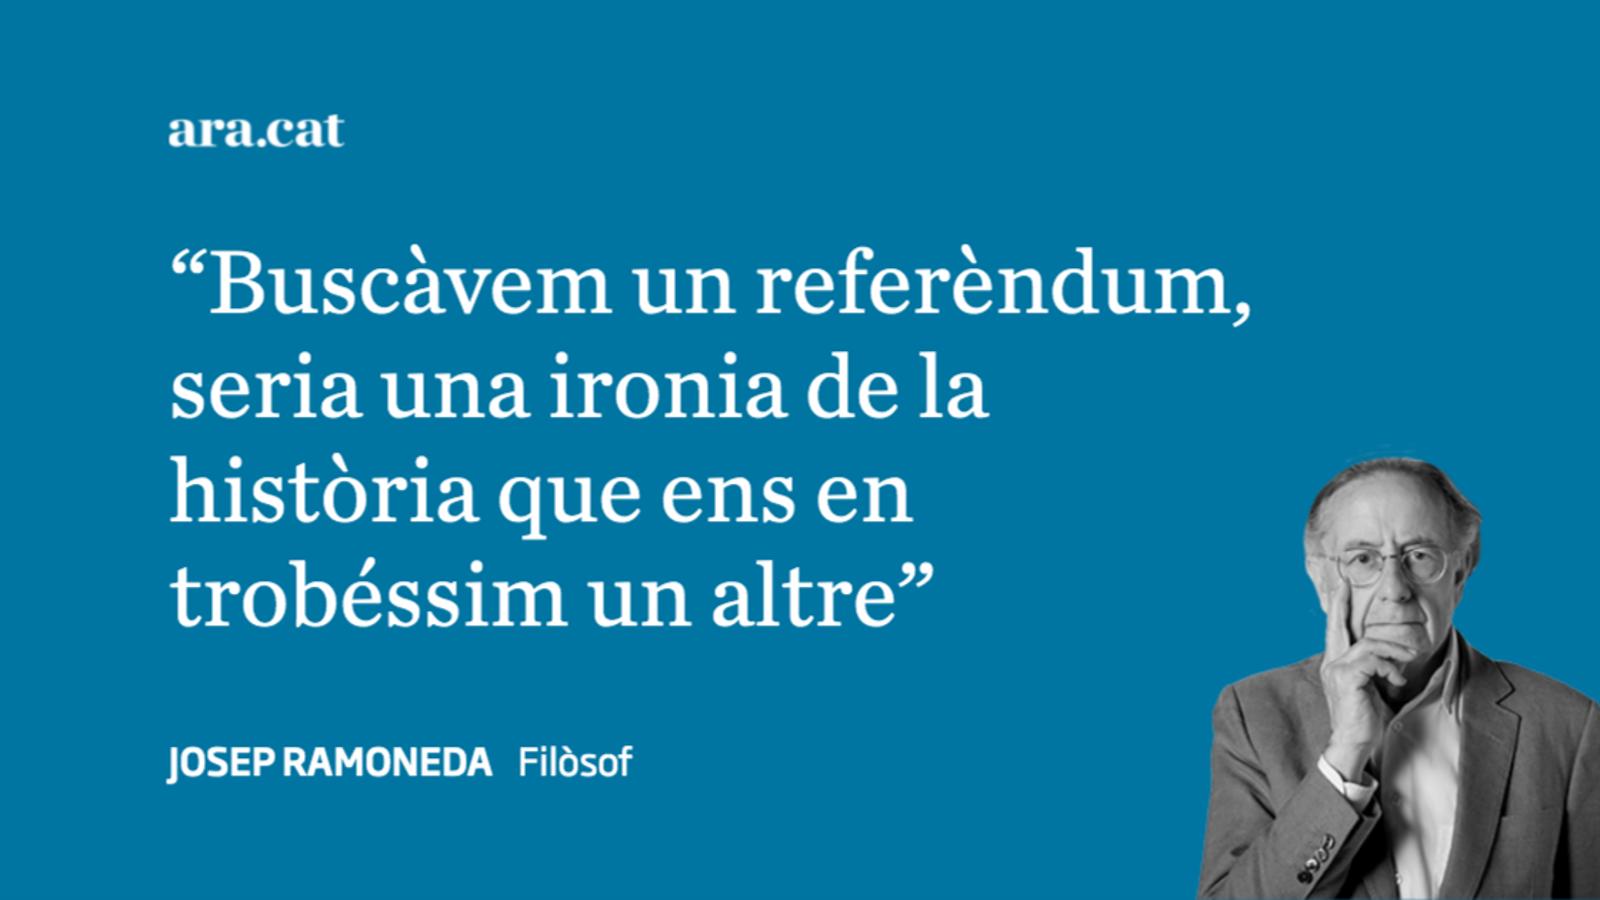 L'altre  referèndum